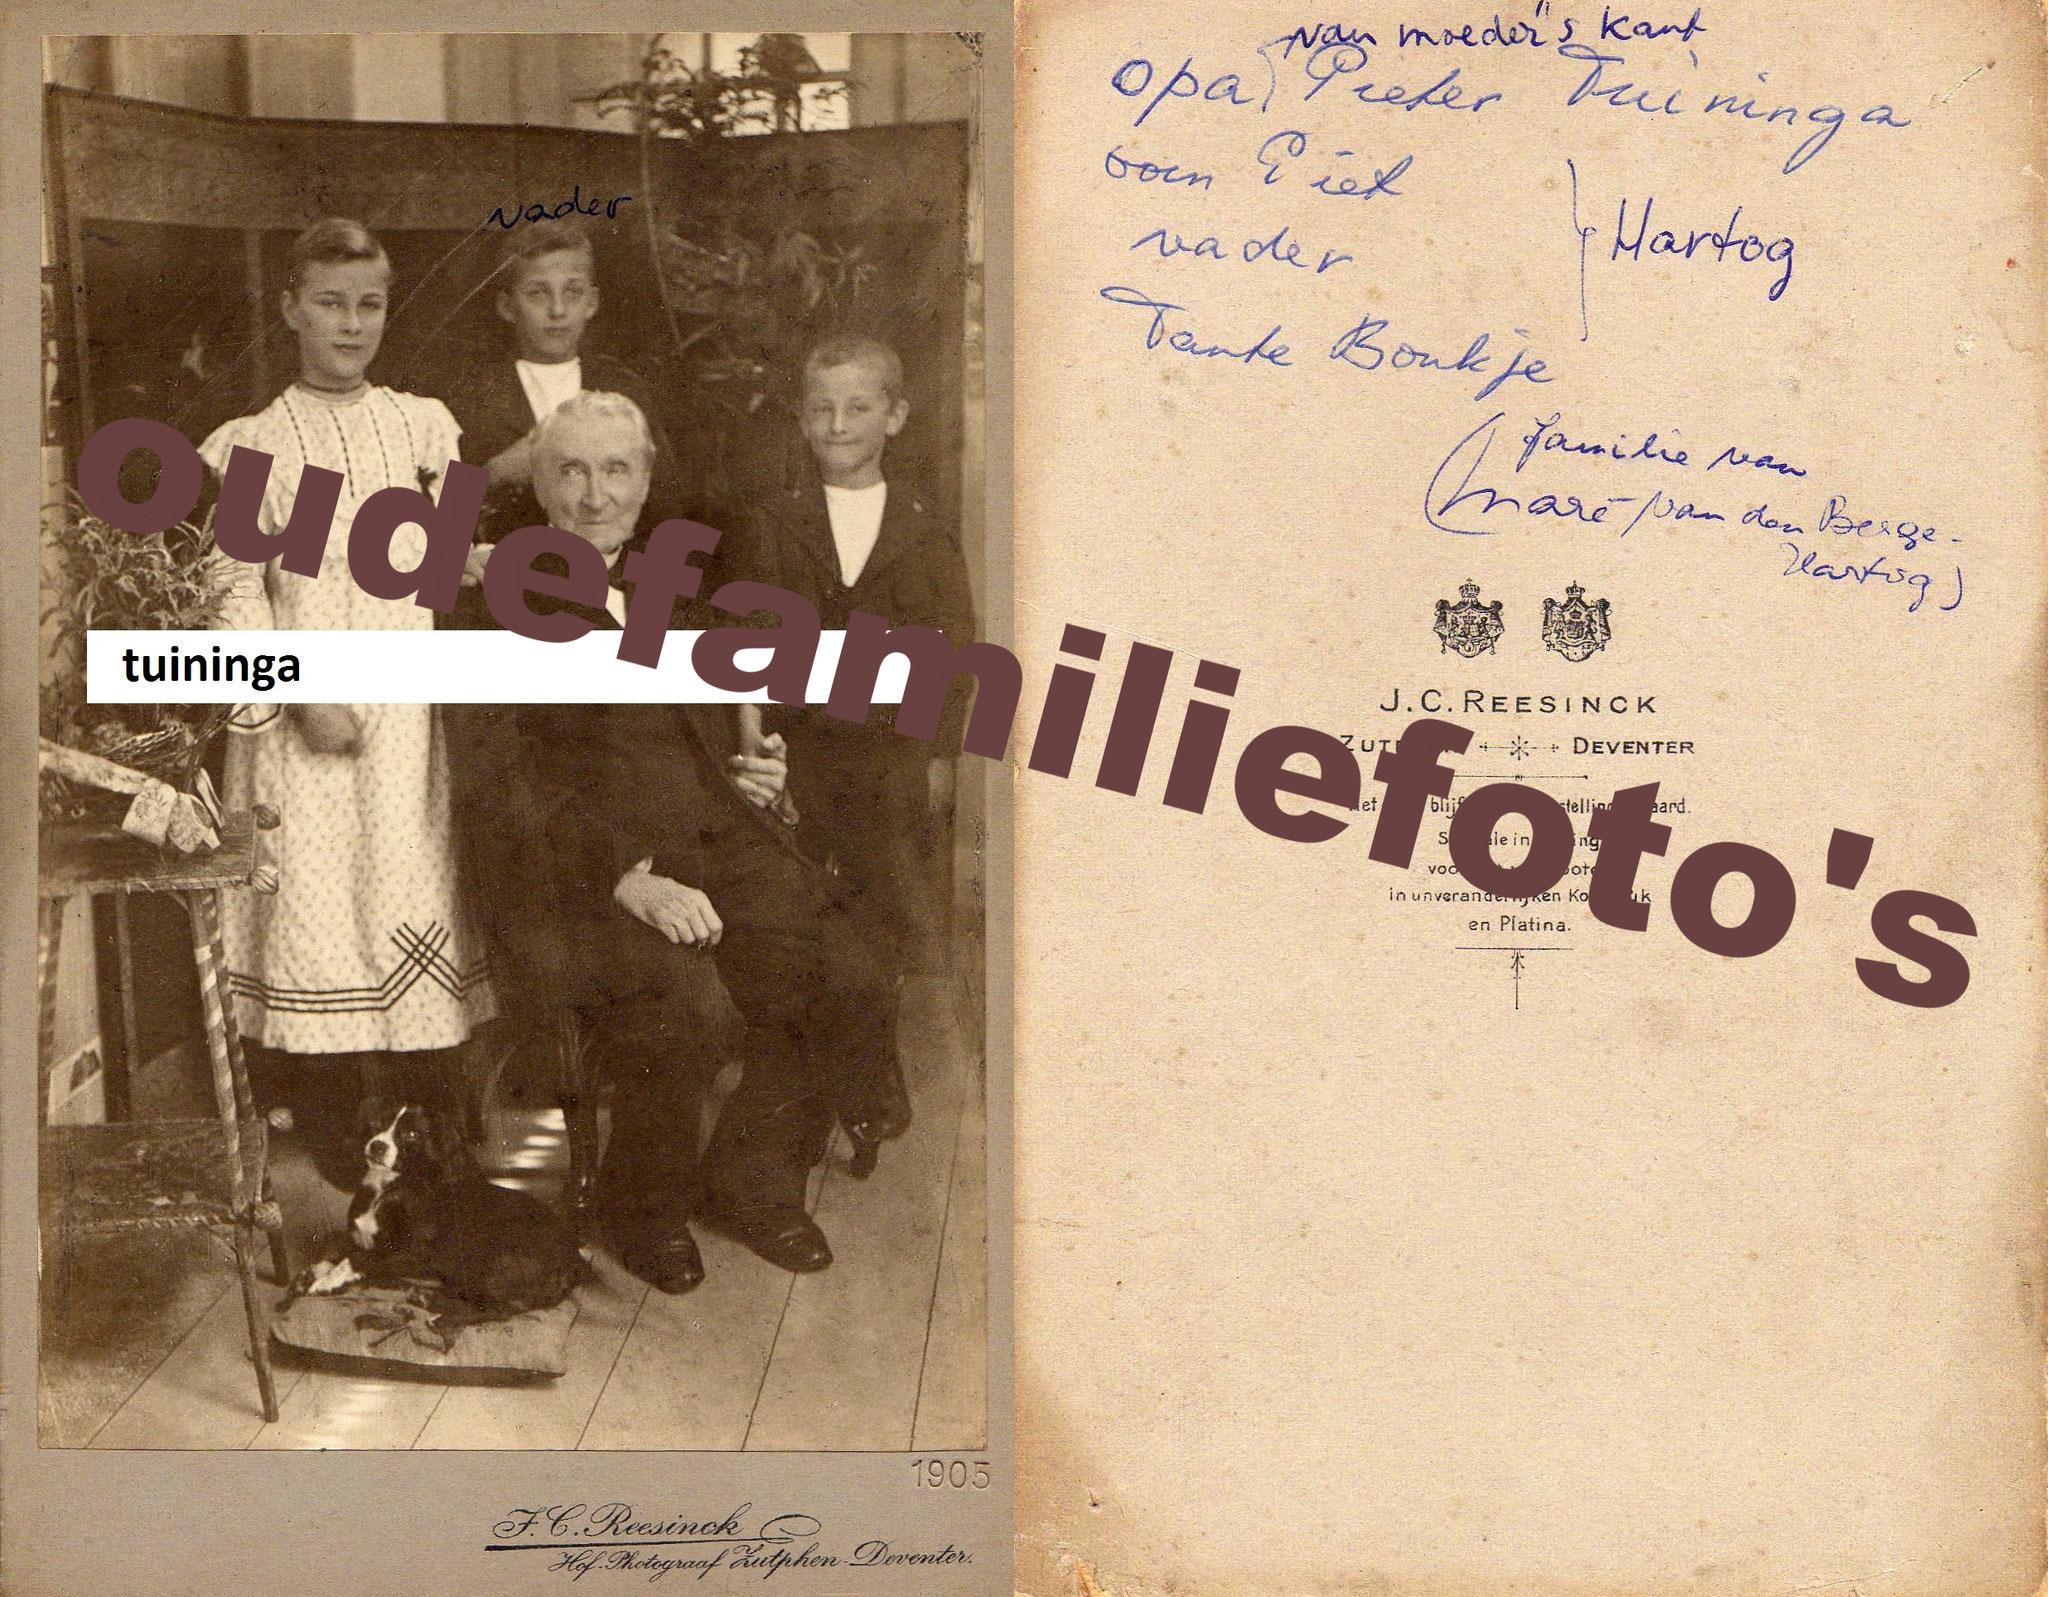 Tuininga Pieter. geb: 27-8-1823 Joure ouders Jan Willem en Hantje Pieters Huitema. € 4,00